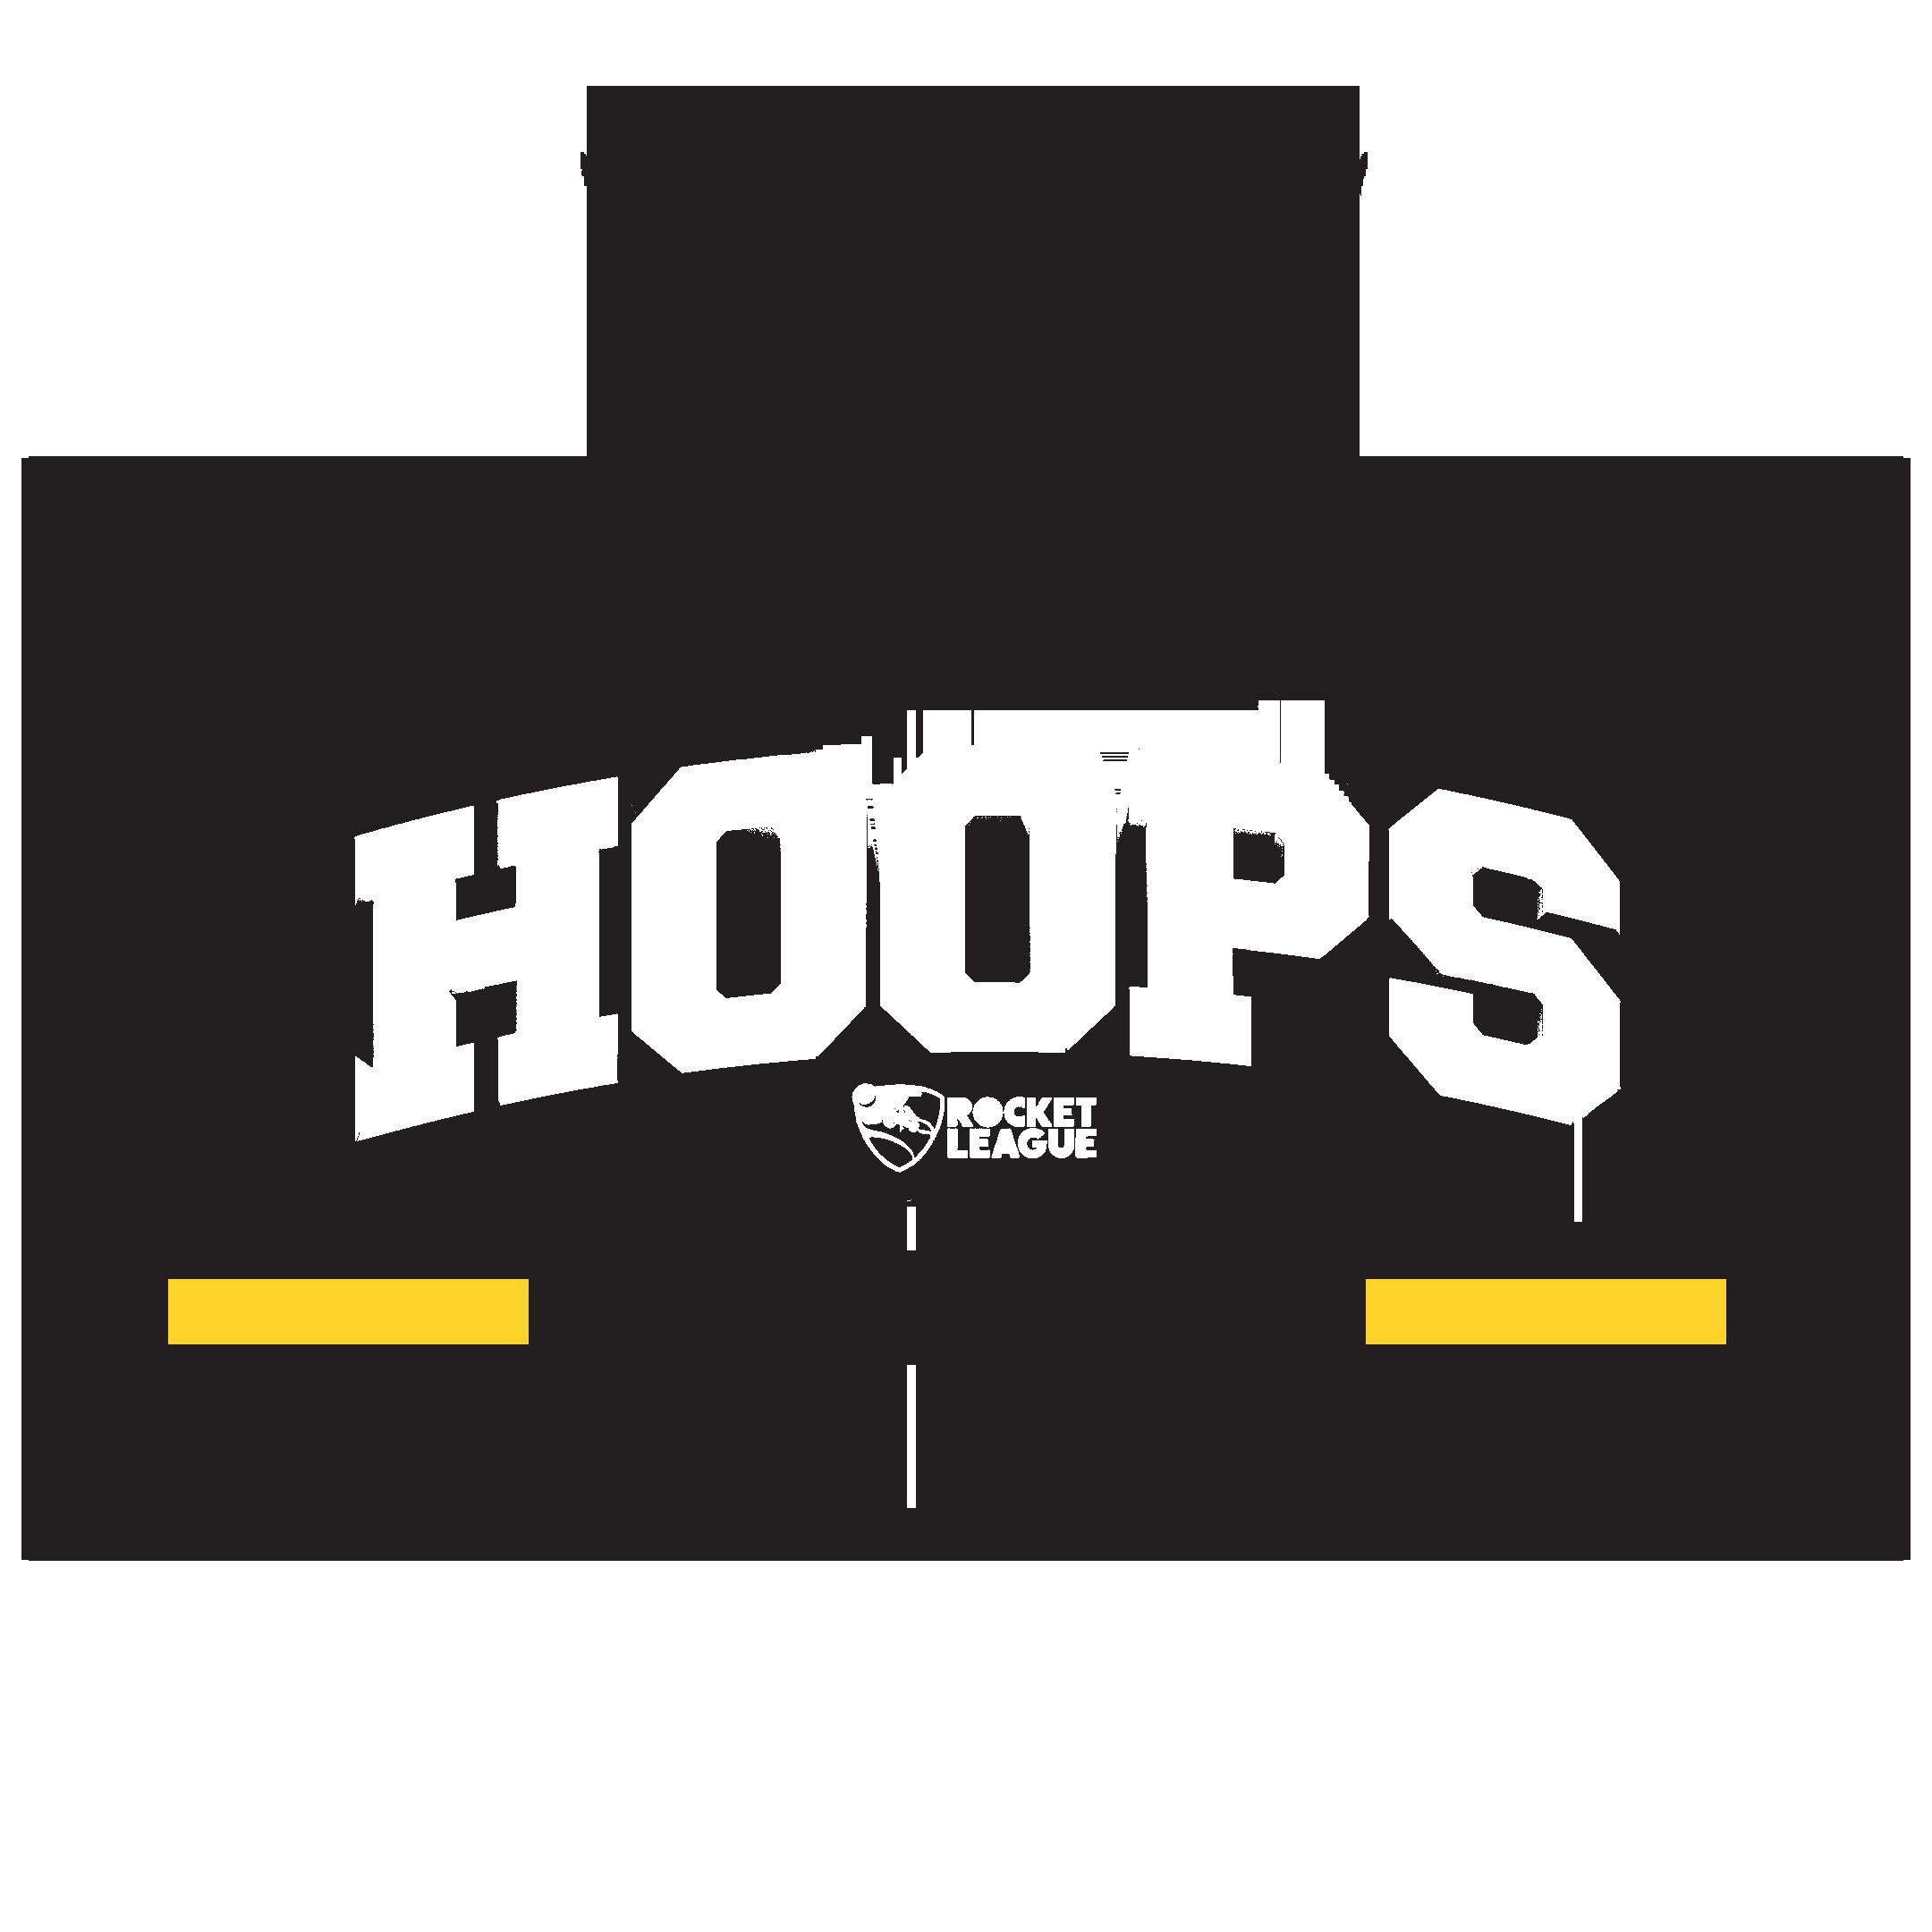 2020 Rocket League HOOPS - Tournament Winner